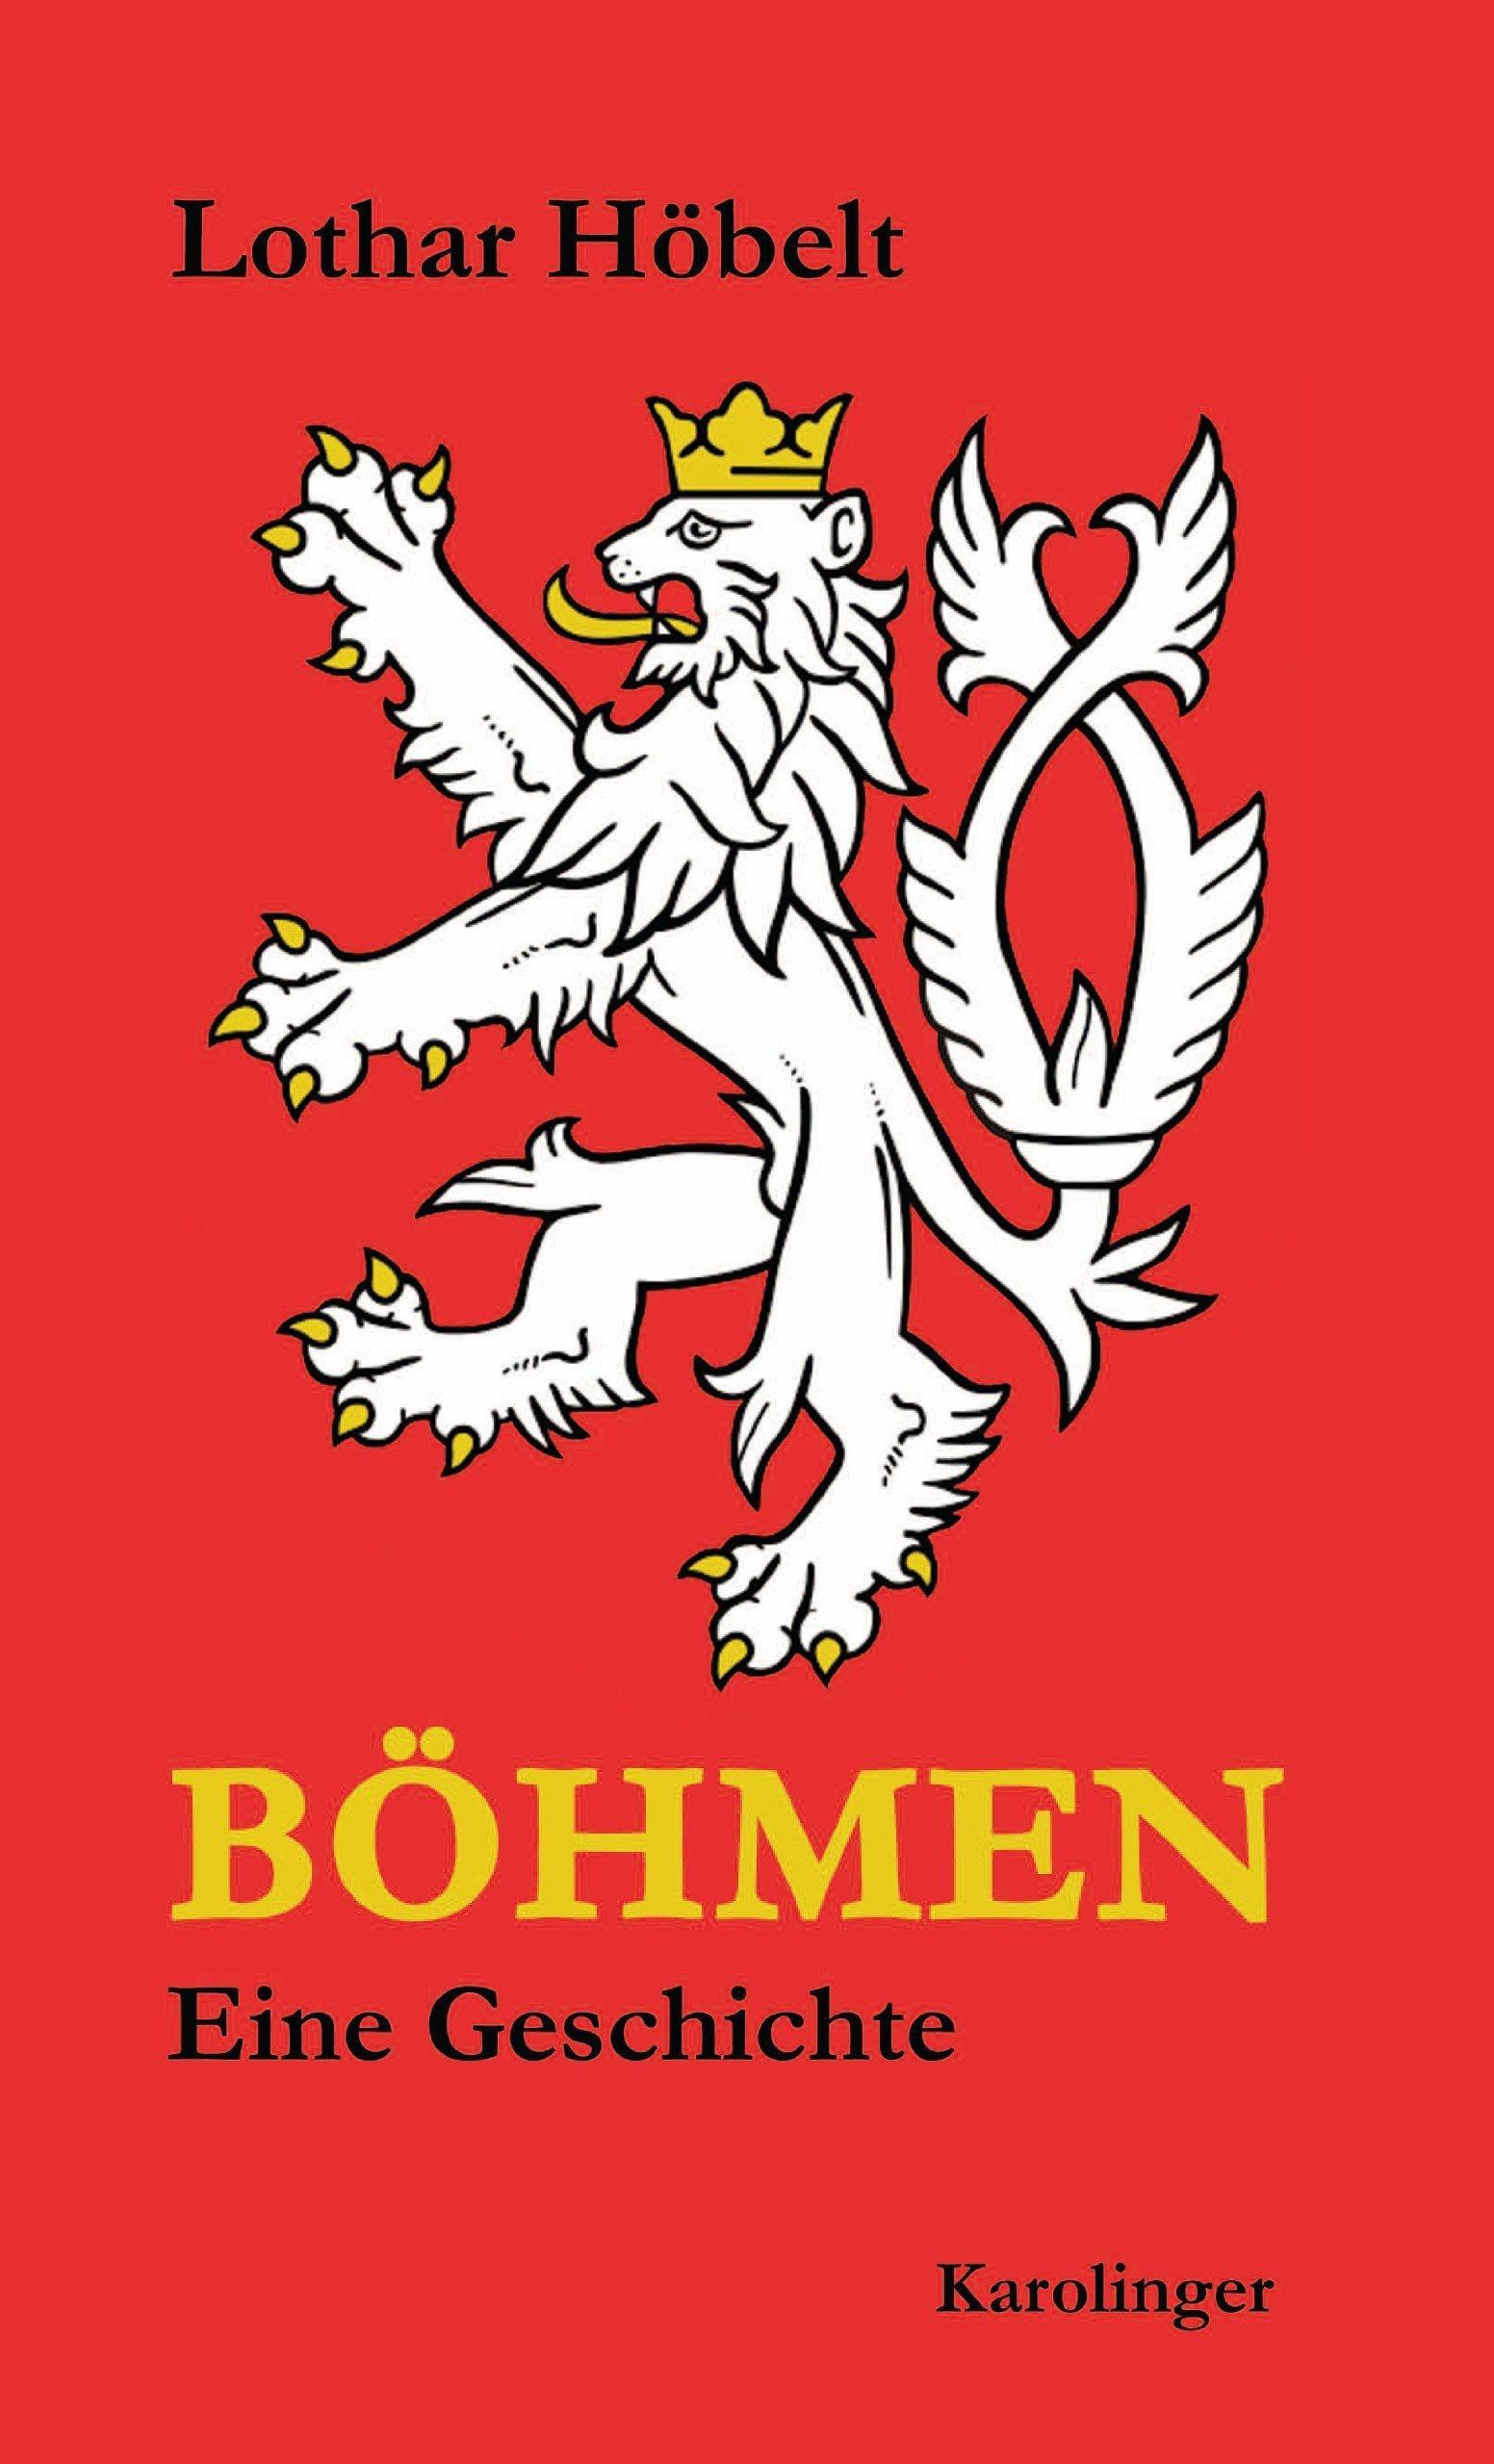 Böhmen: Eine Geschichte von Lothar Höbelt (30. September 2012) Gebundene Ausgabe